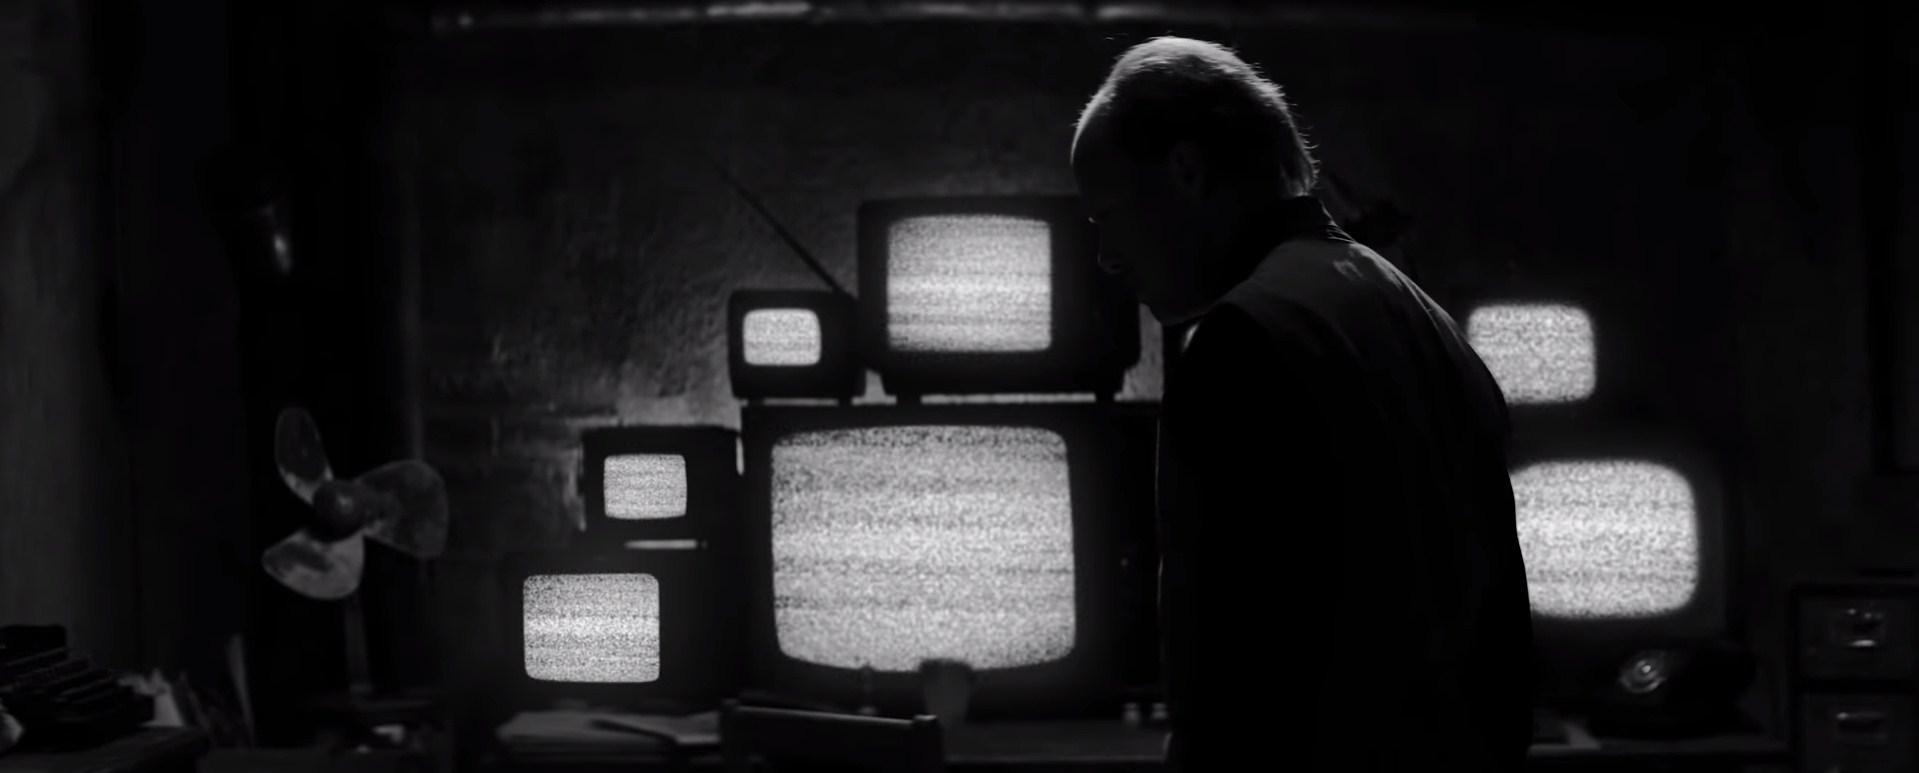 Sunday Review #12: Короткометражный фильм по игре Beholder